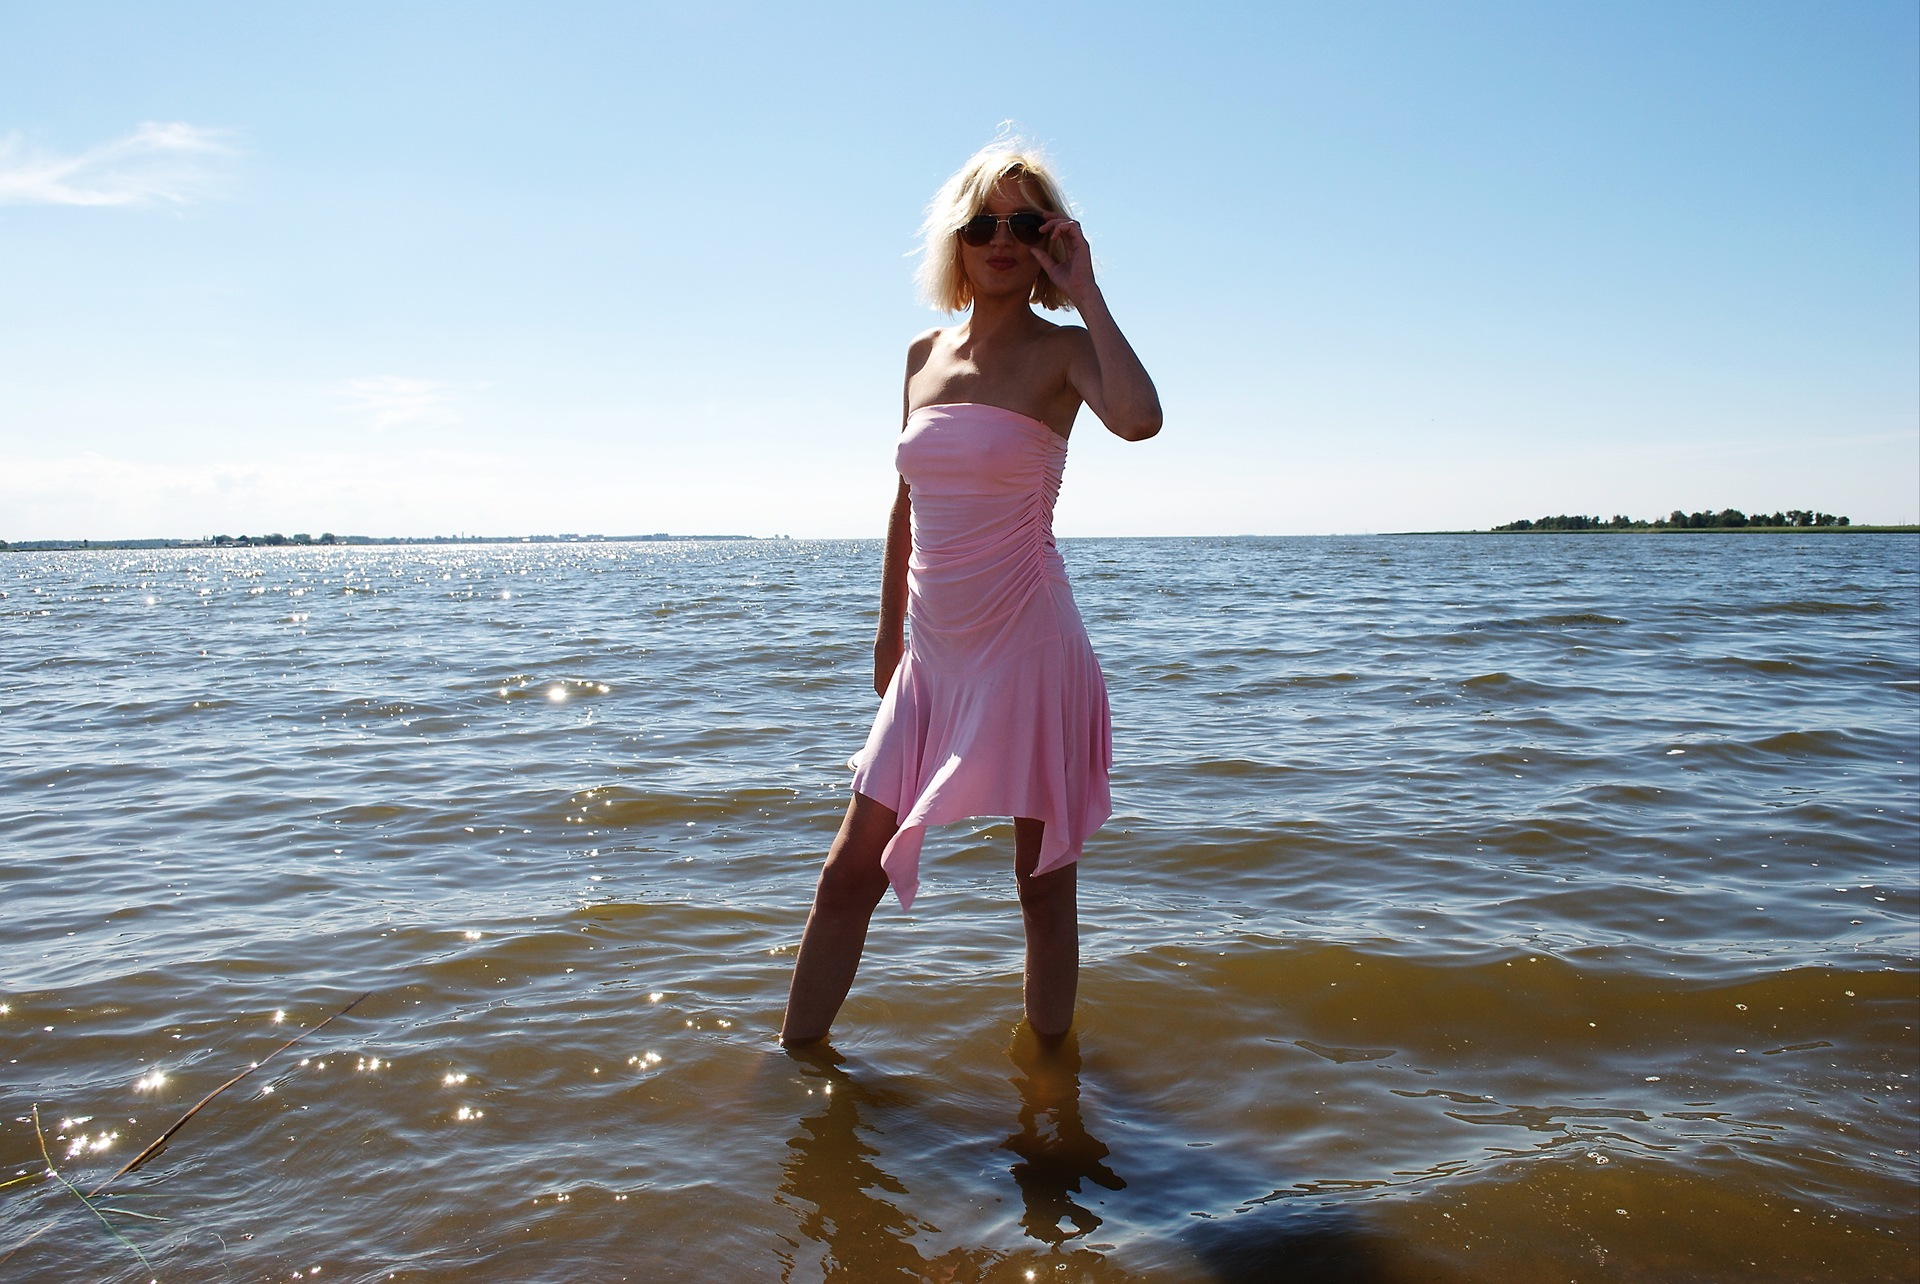 прозрачные платья на девушках фото эротика